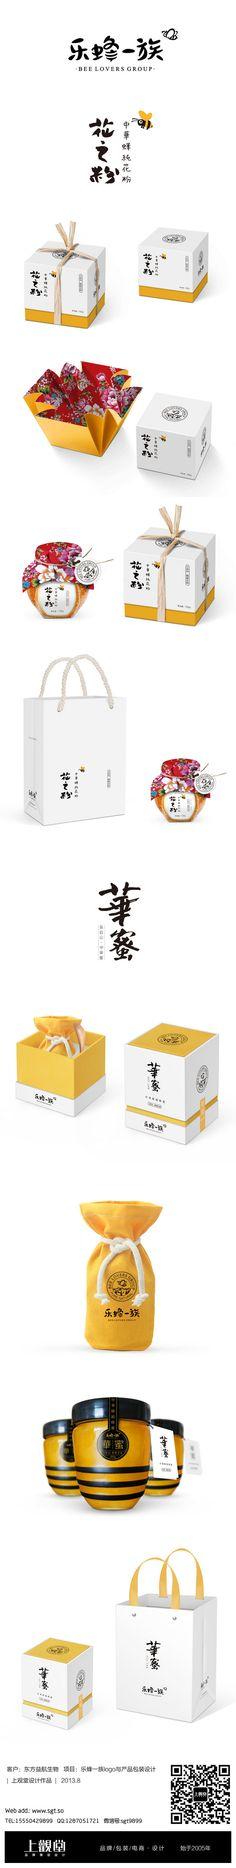 〓上观堂设计案例〓乐蜂一族蜂蜜logo与... Bee lovers group in great packaging PD